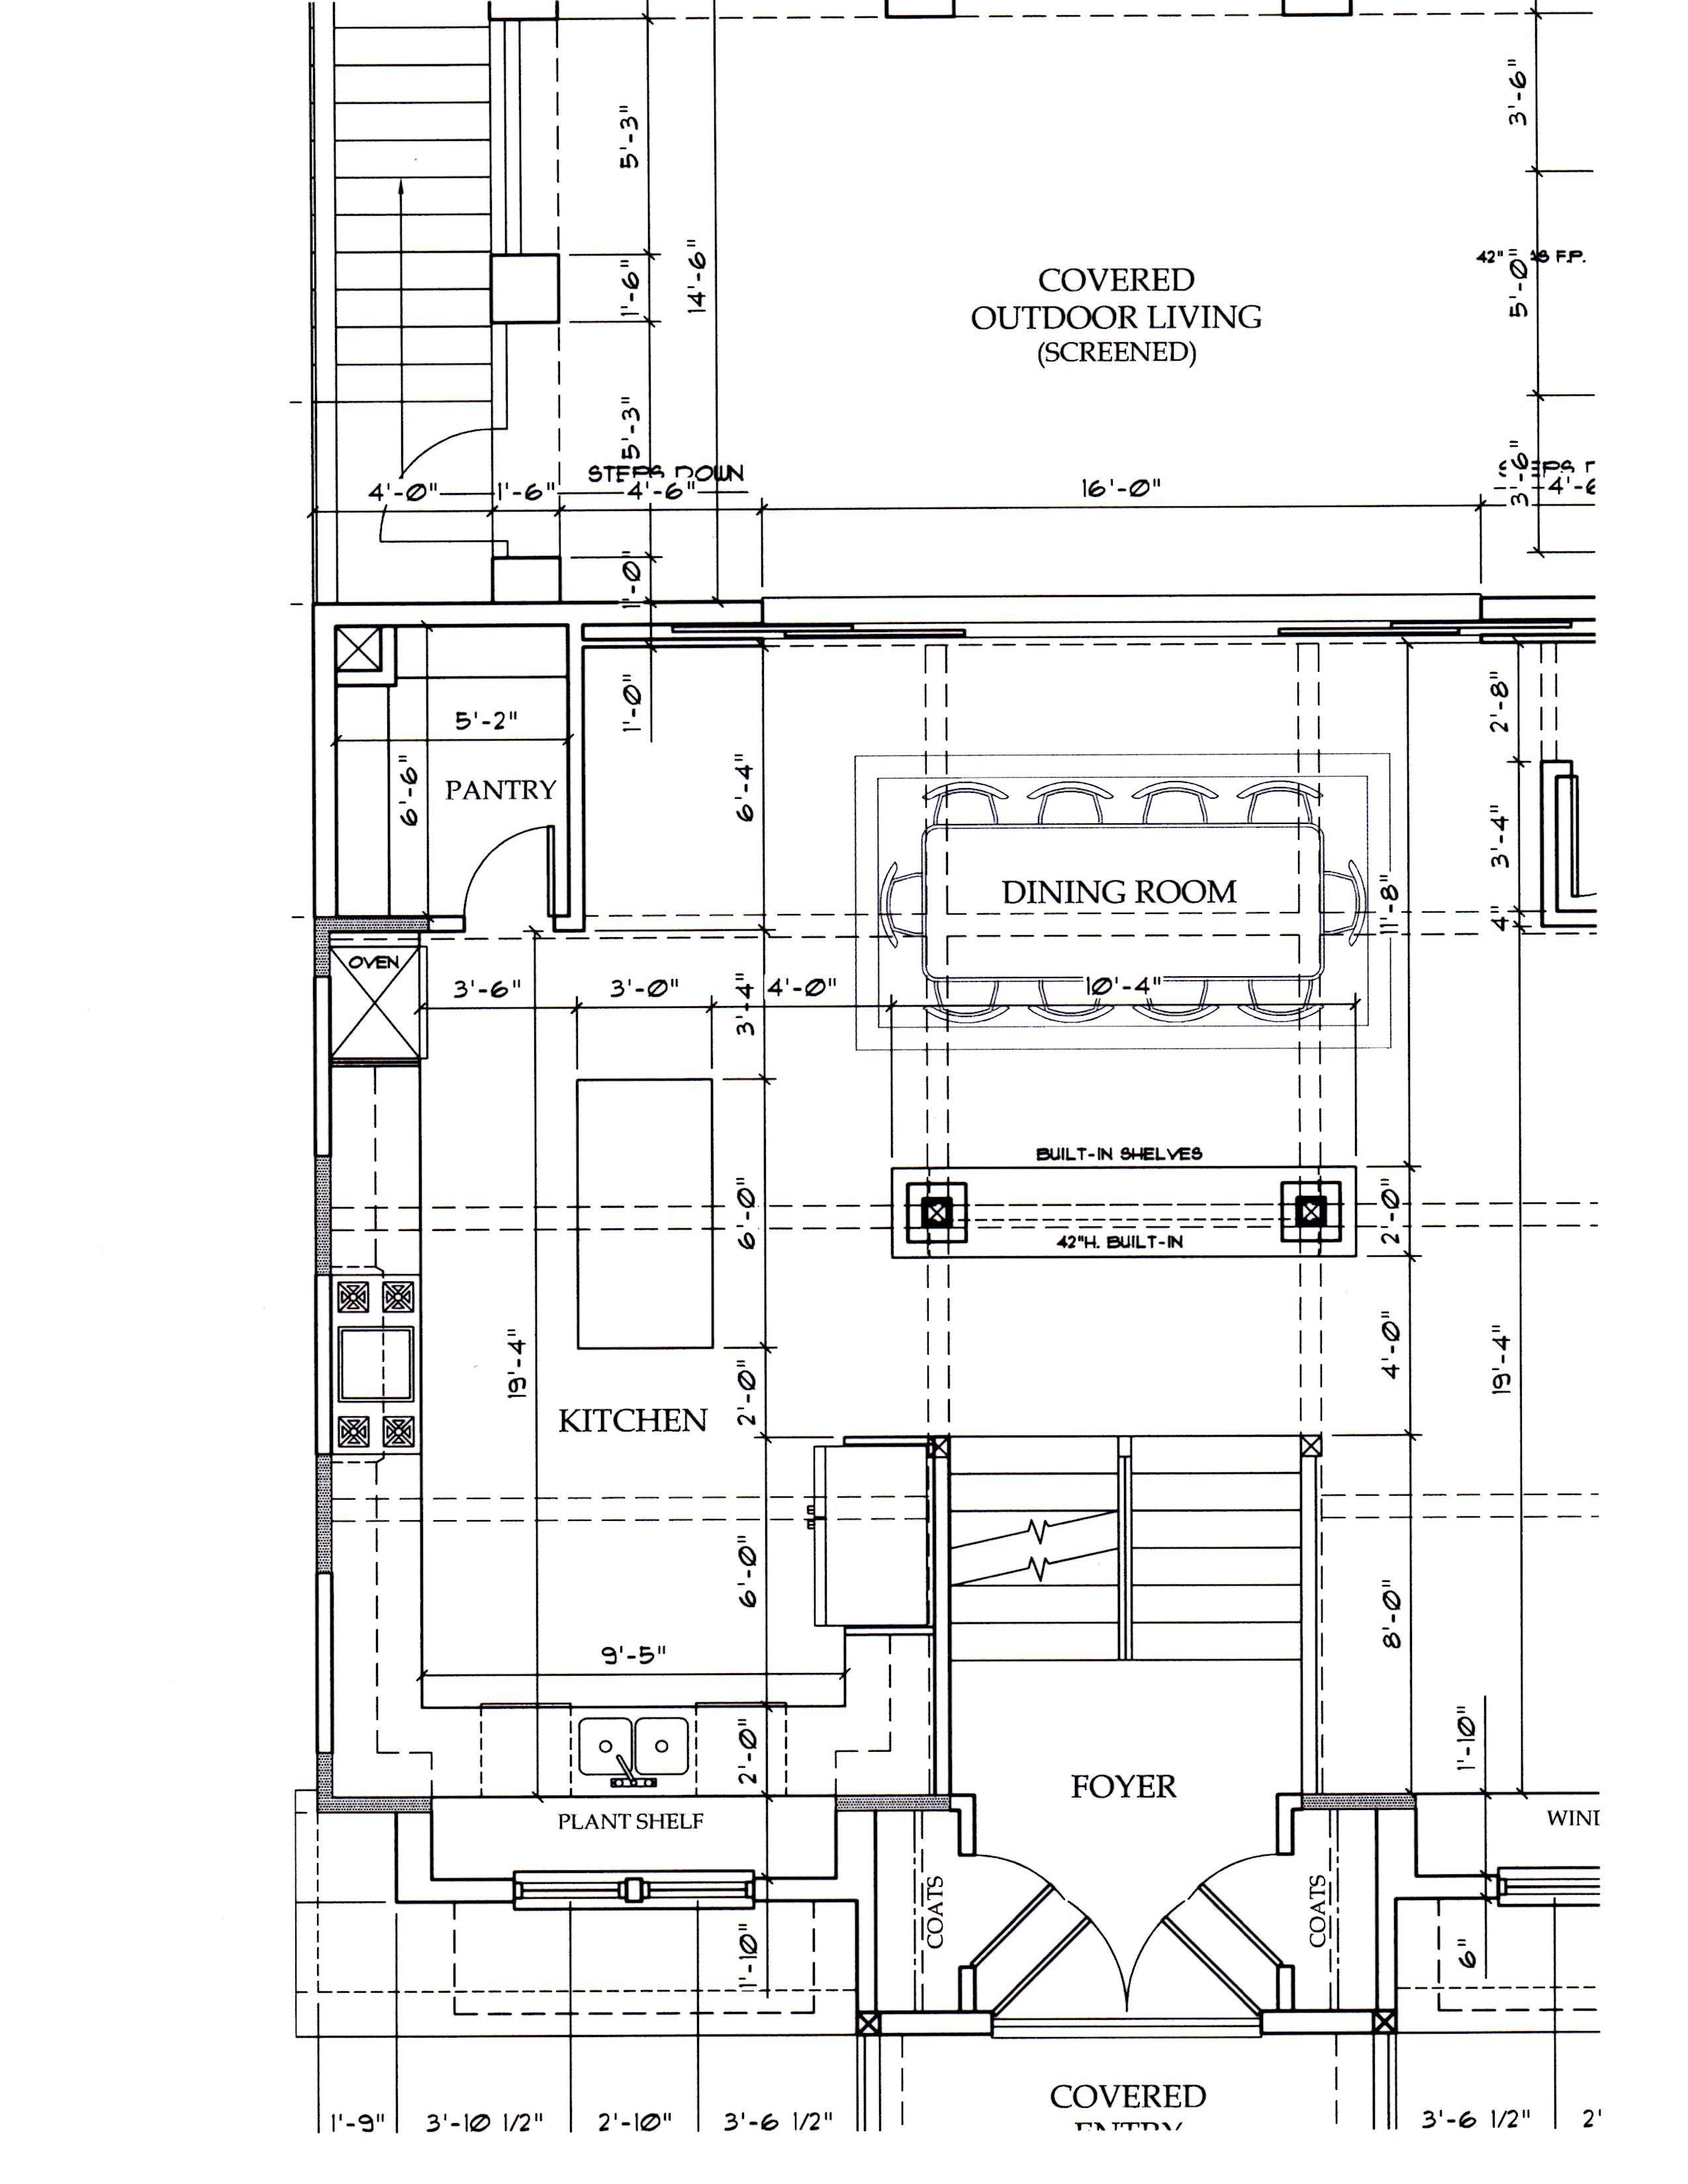 kitchen floor plan Look